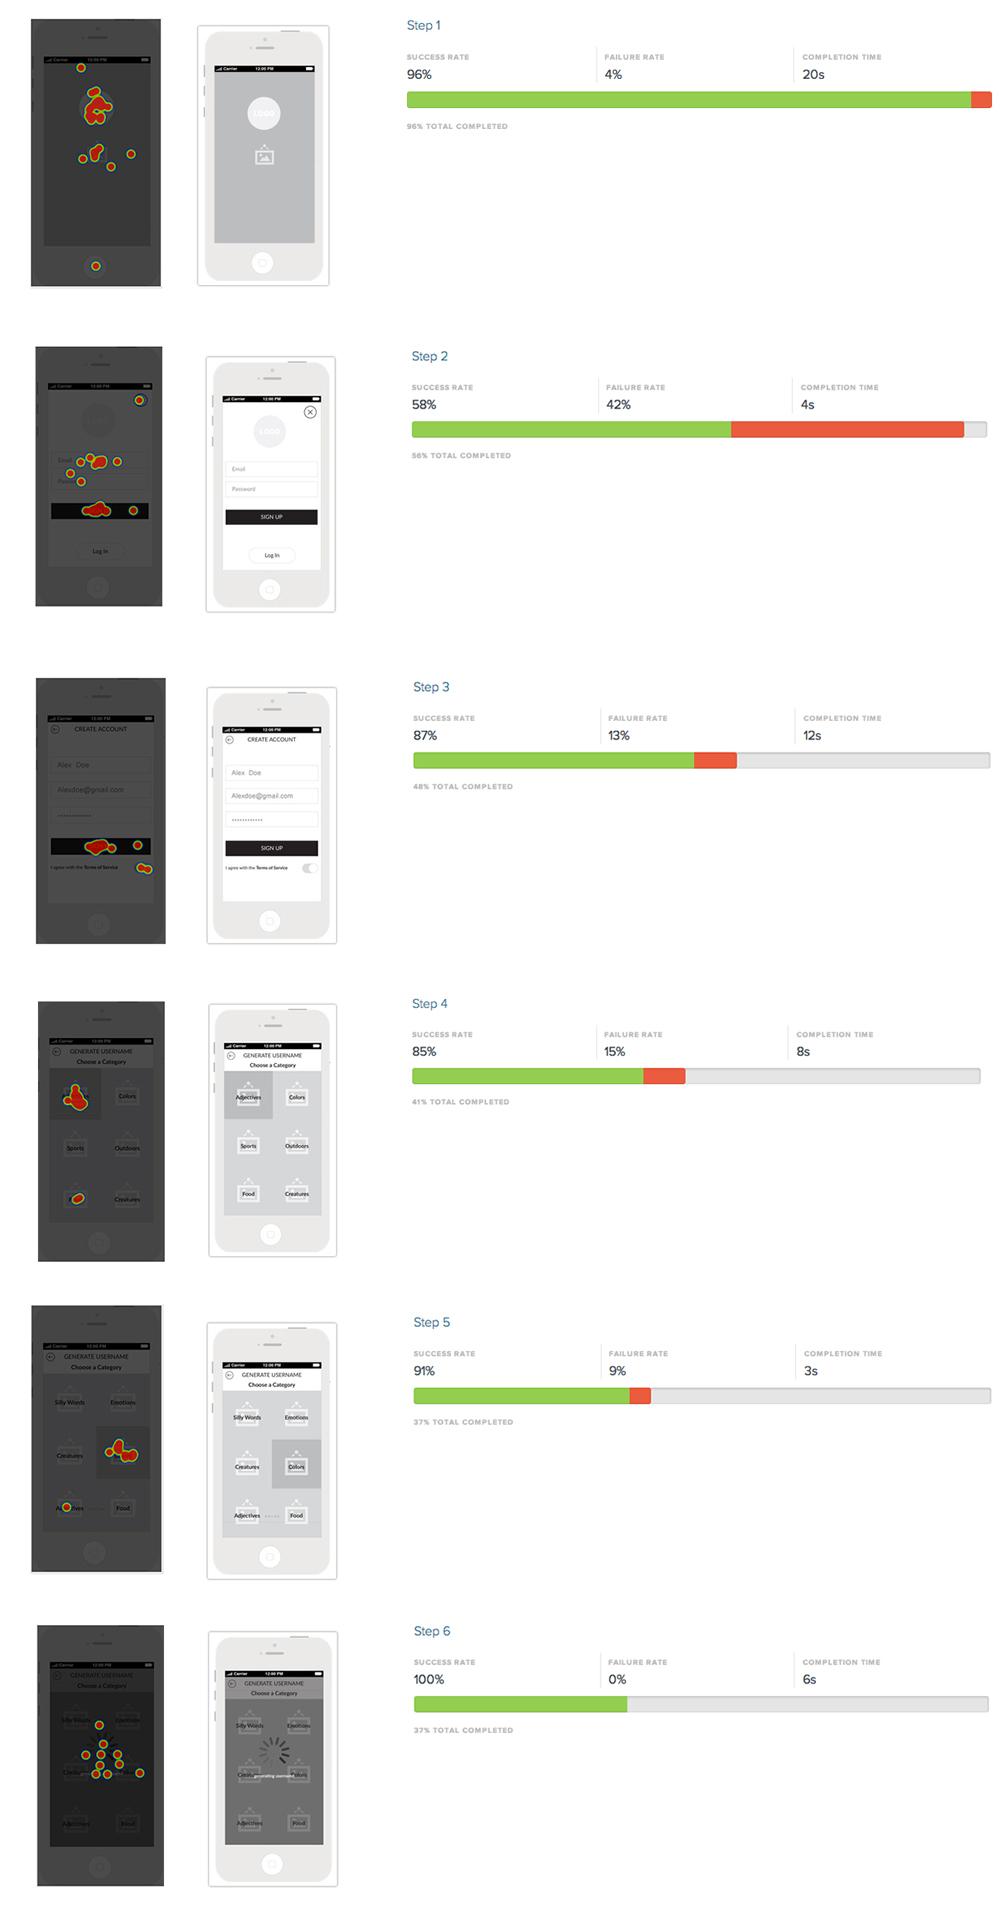 test2_results.jpg